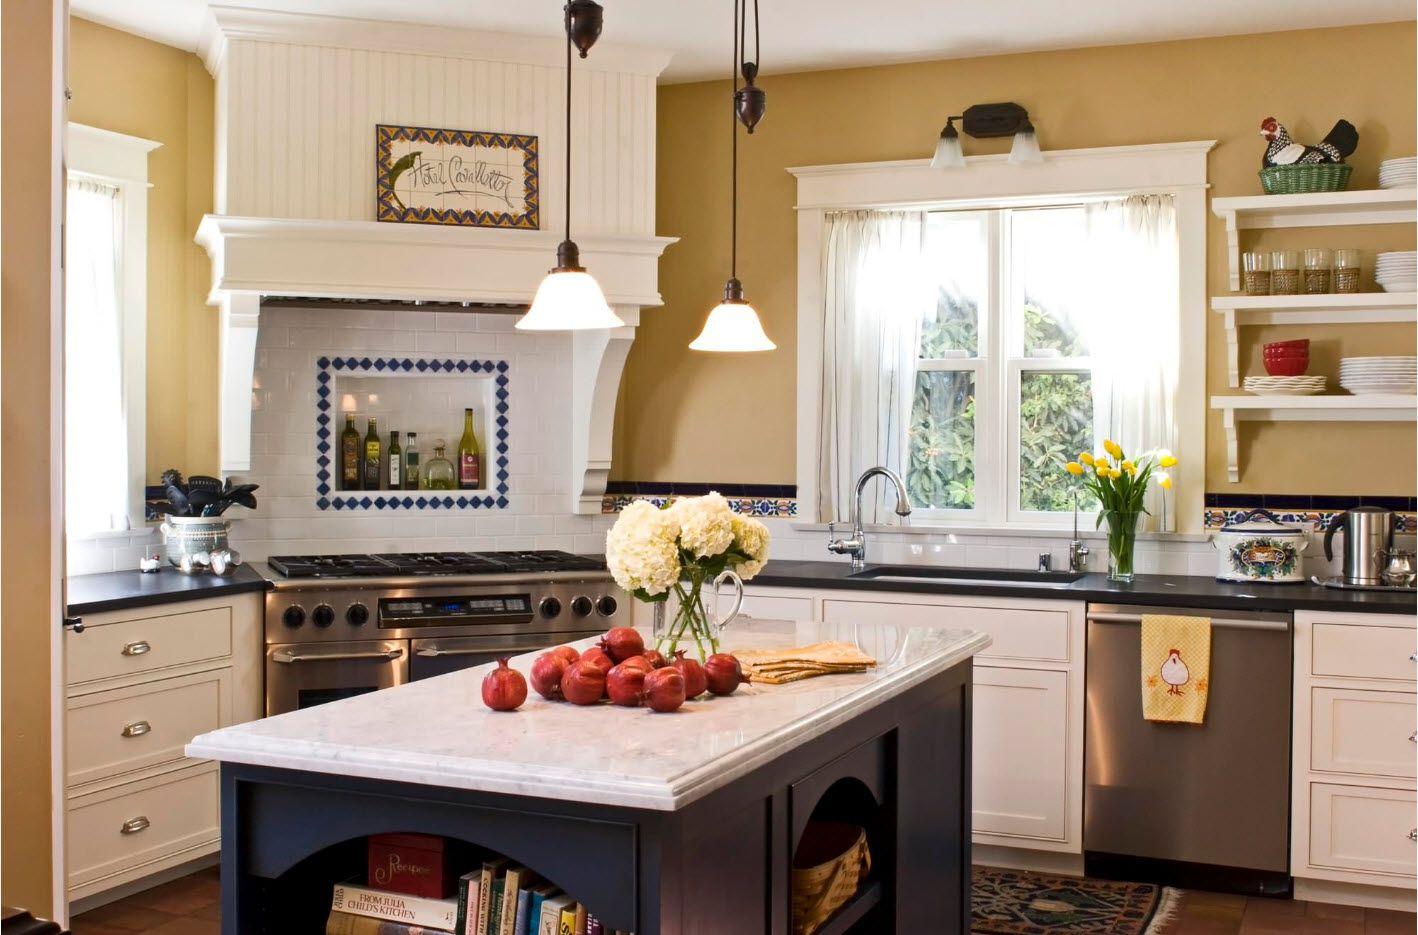 Встроенная плита и вытяжка | Викторианская кухня, Дизайн ...